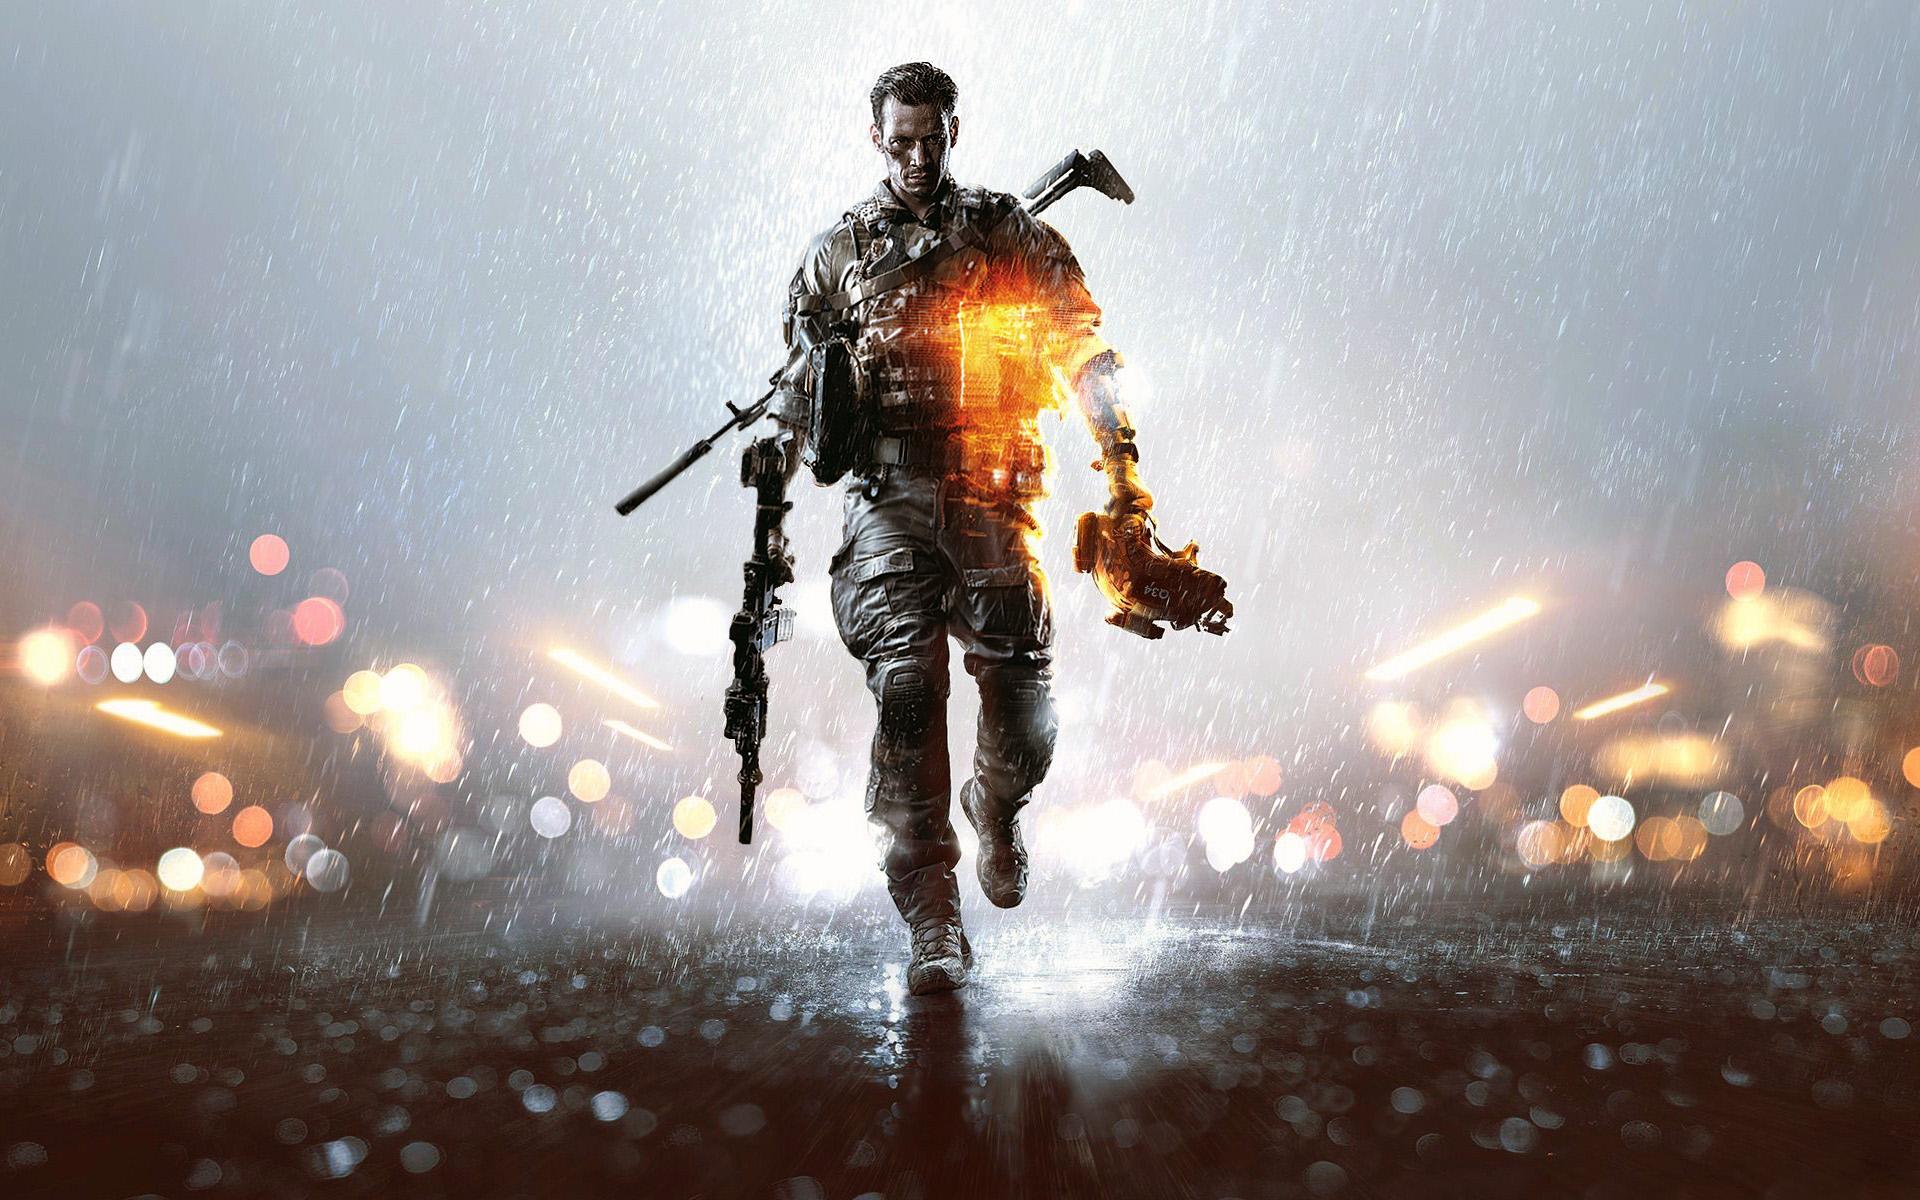 HD Wallpapers Battlefield 4 New